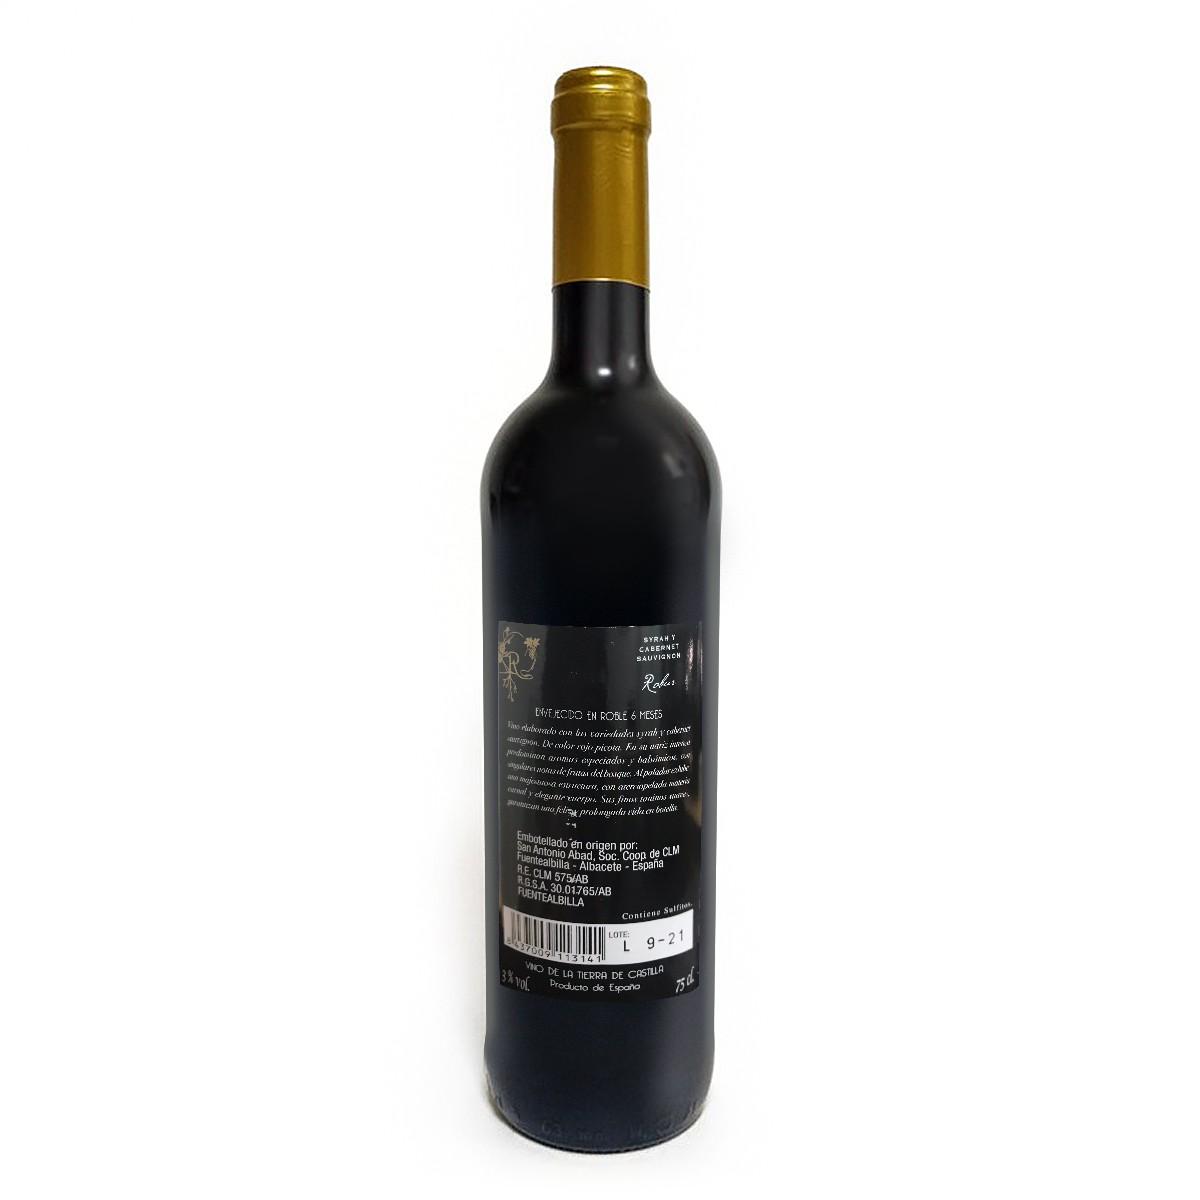 西班牙Robur 6个月橡木桶陈酿红葡萄酒